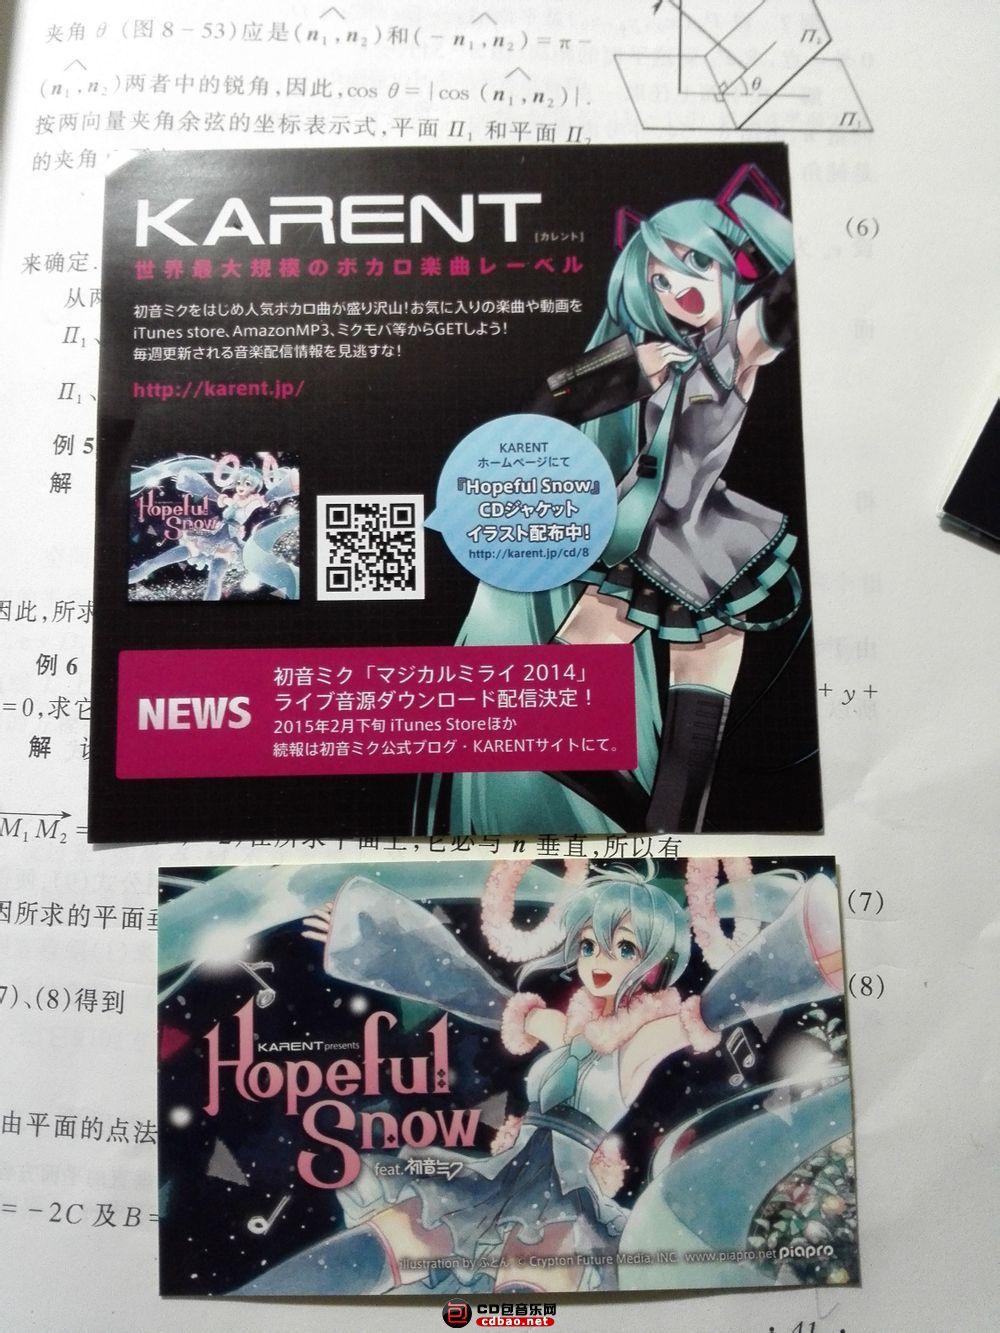 初音ミク - KARENT presents Hopeful Snow feat. 初音ミク3.jpg